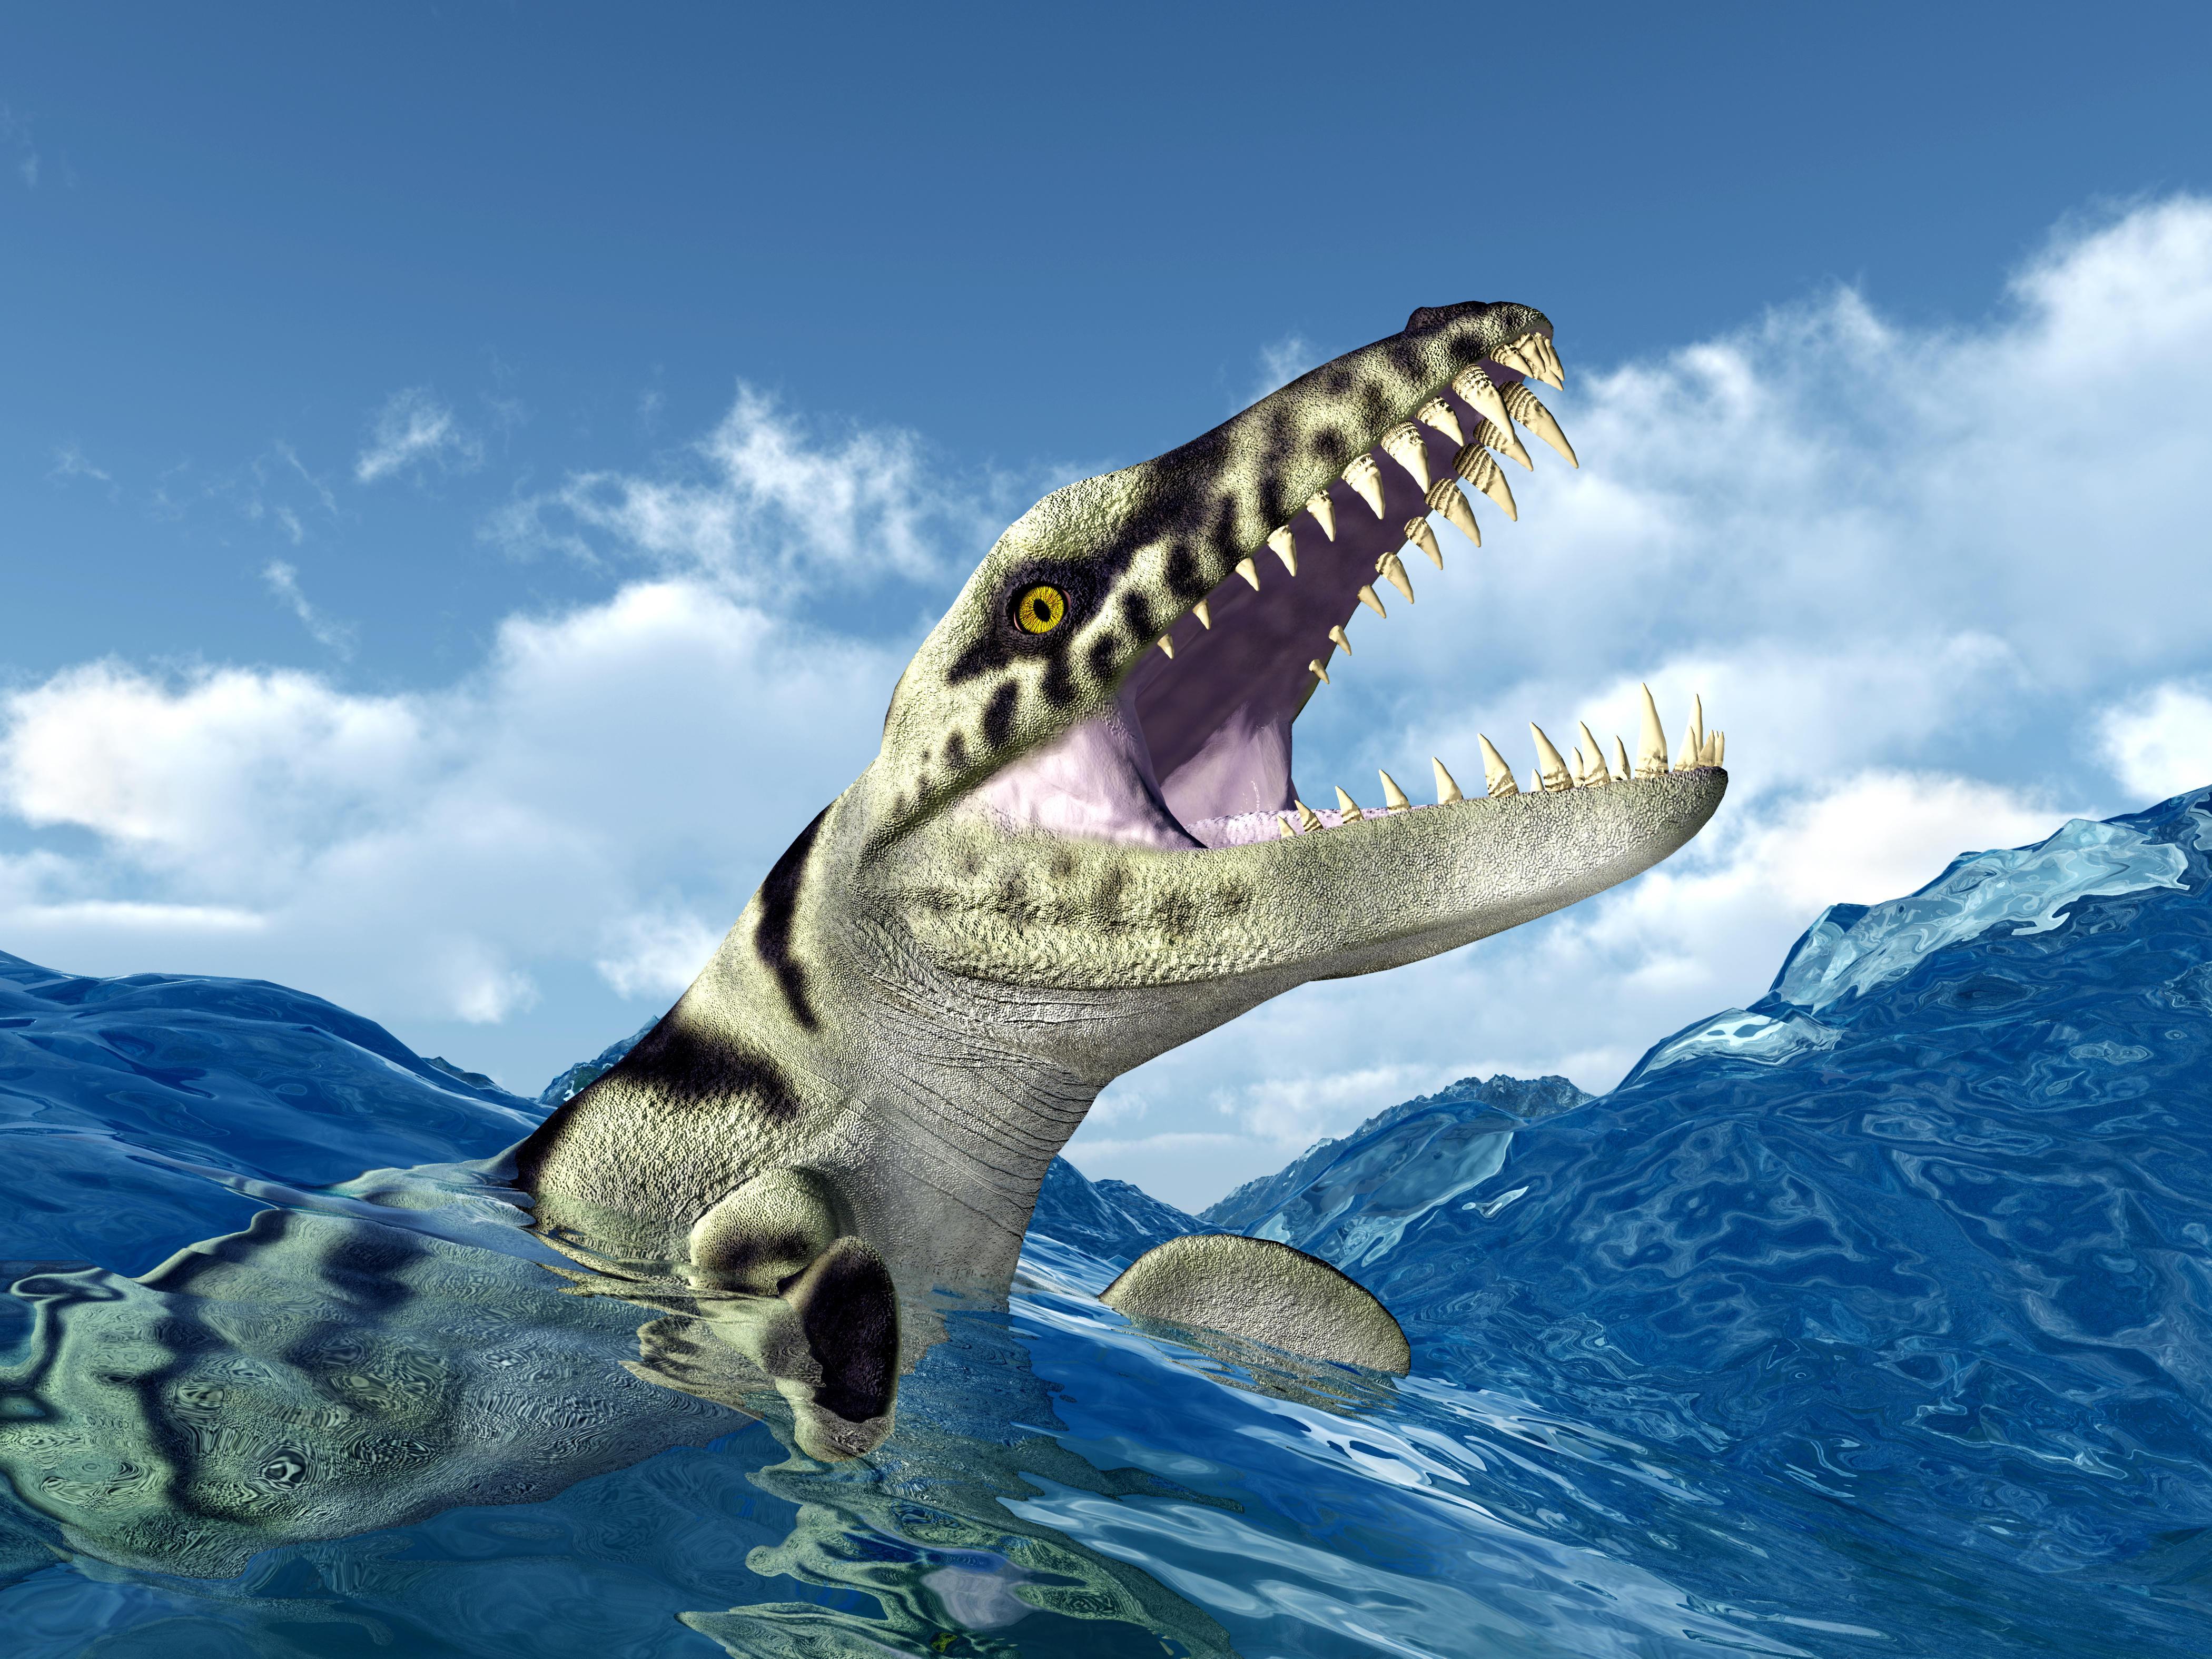 обои динозавр, хищник, оскал, опасность картинки фото